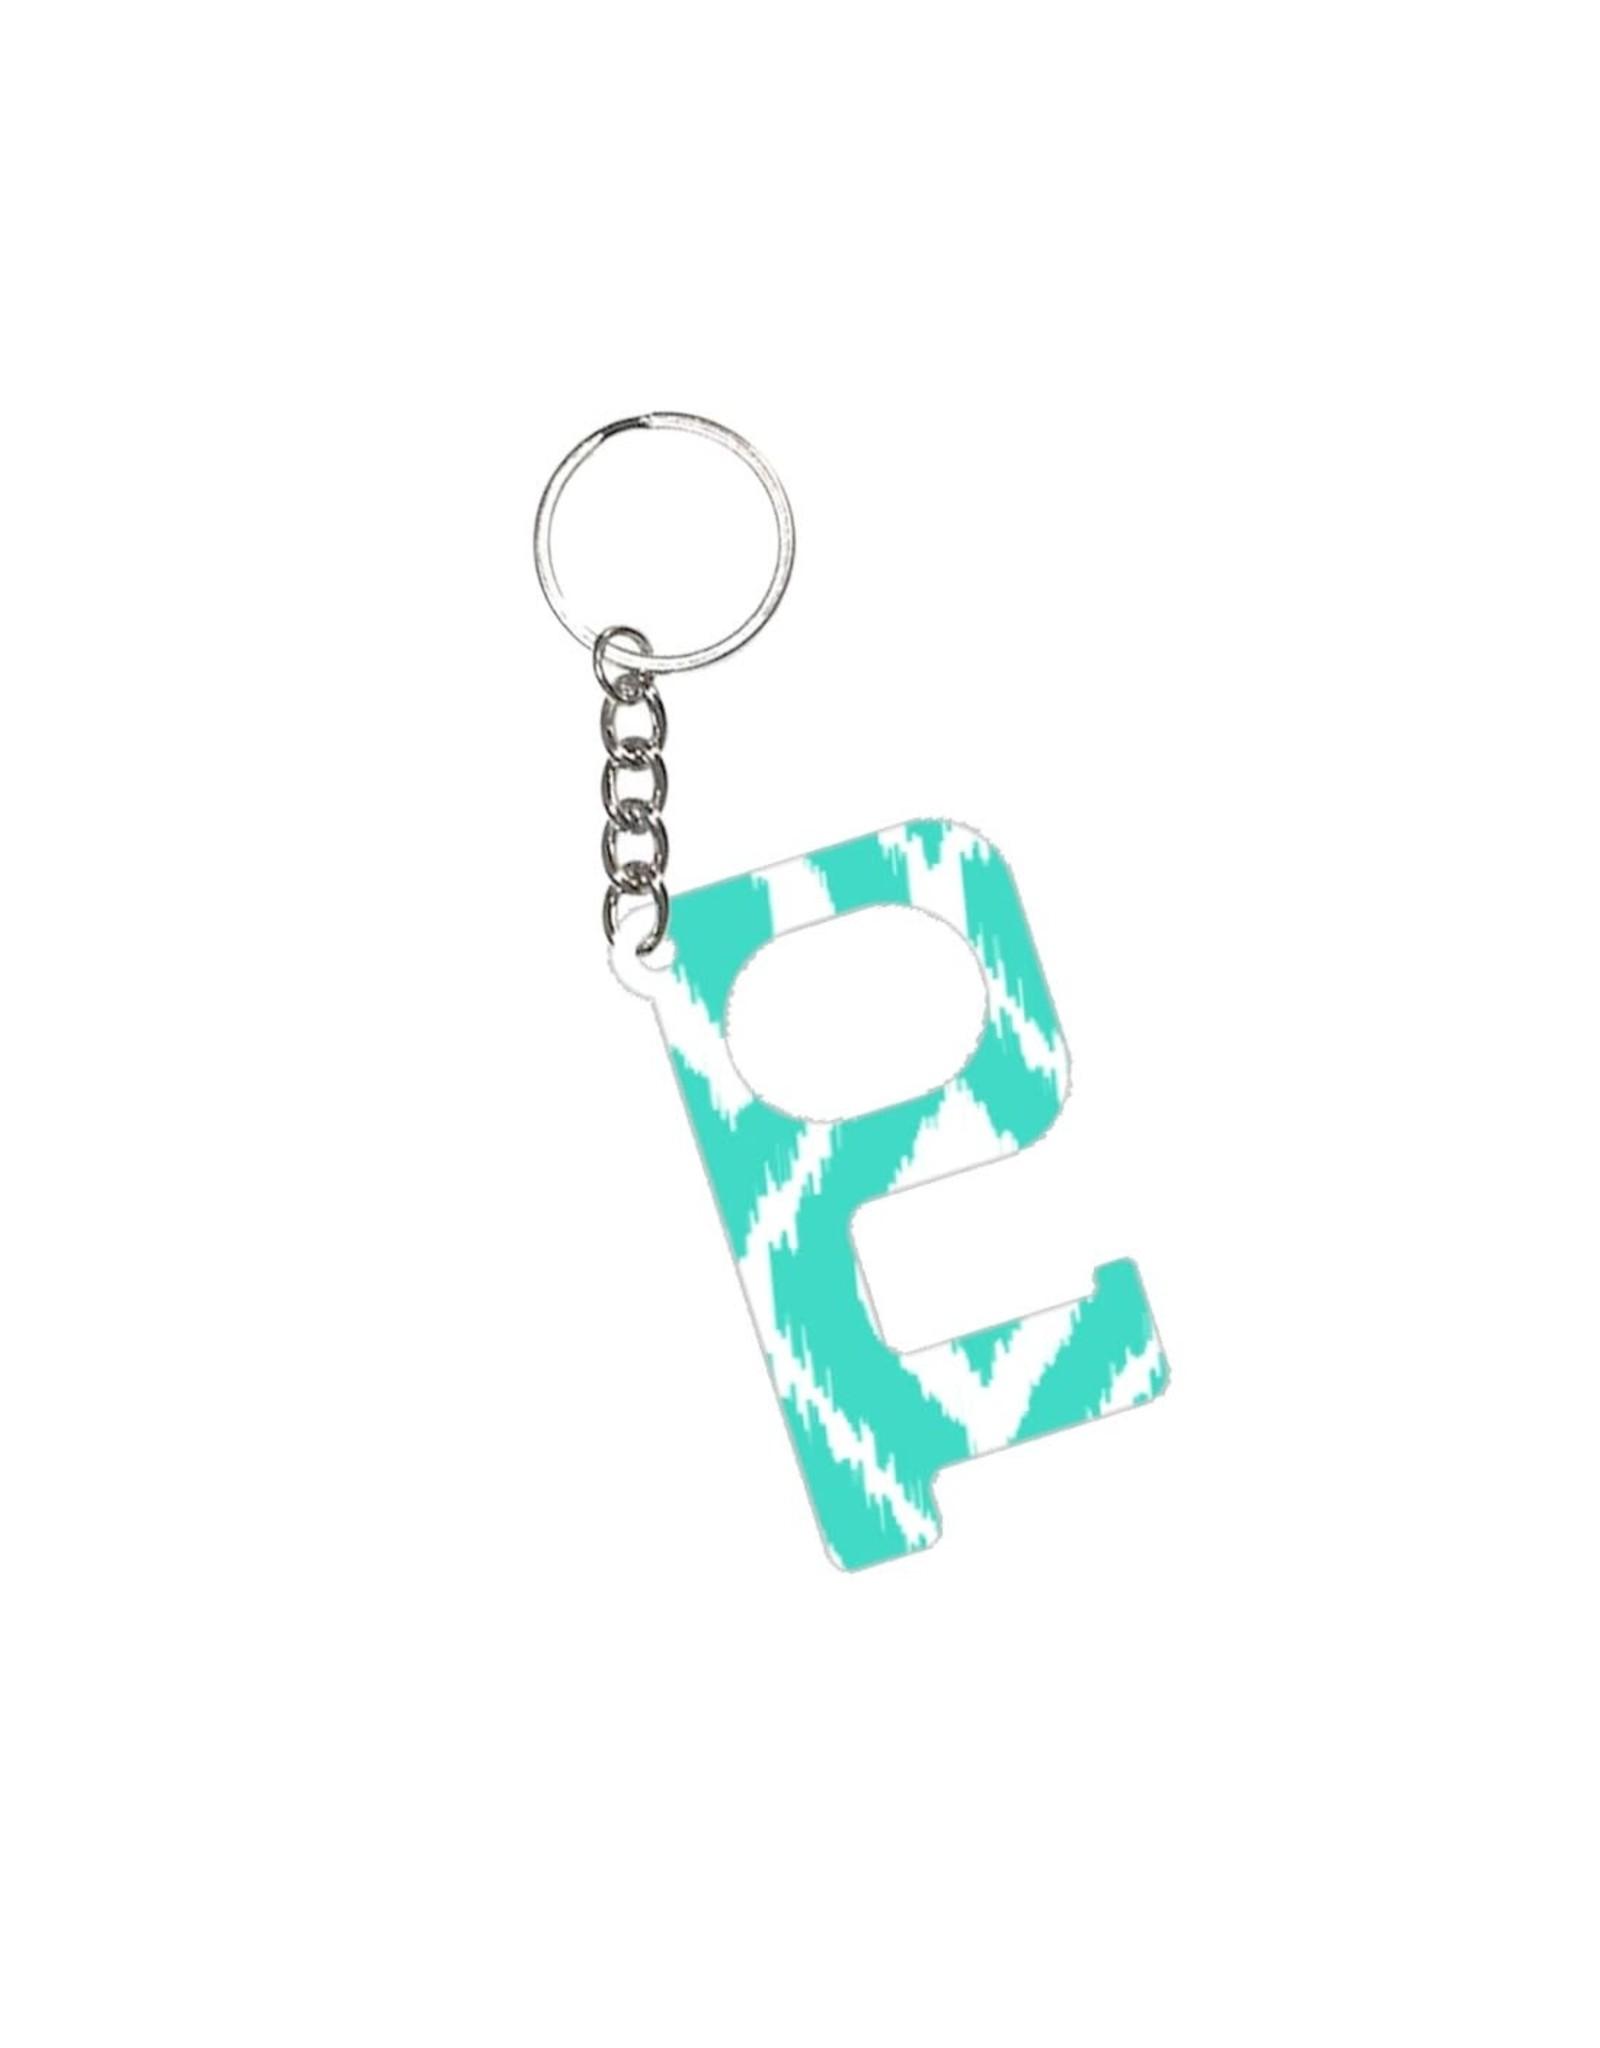 Acrylic Door Key, Aqua Ikat